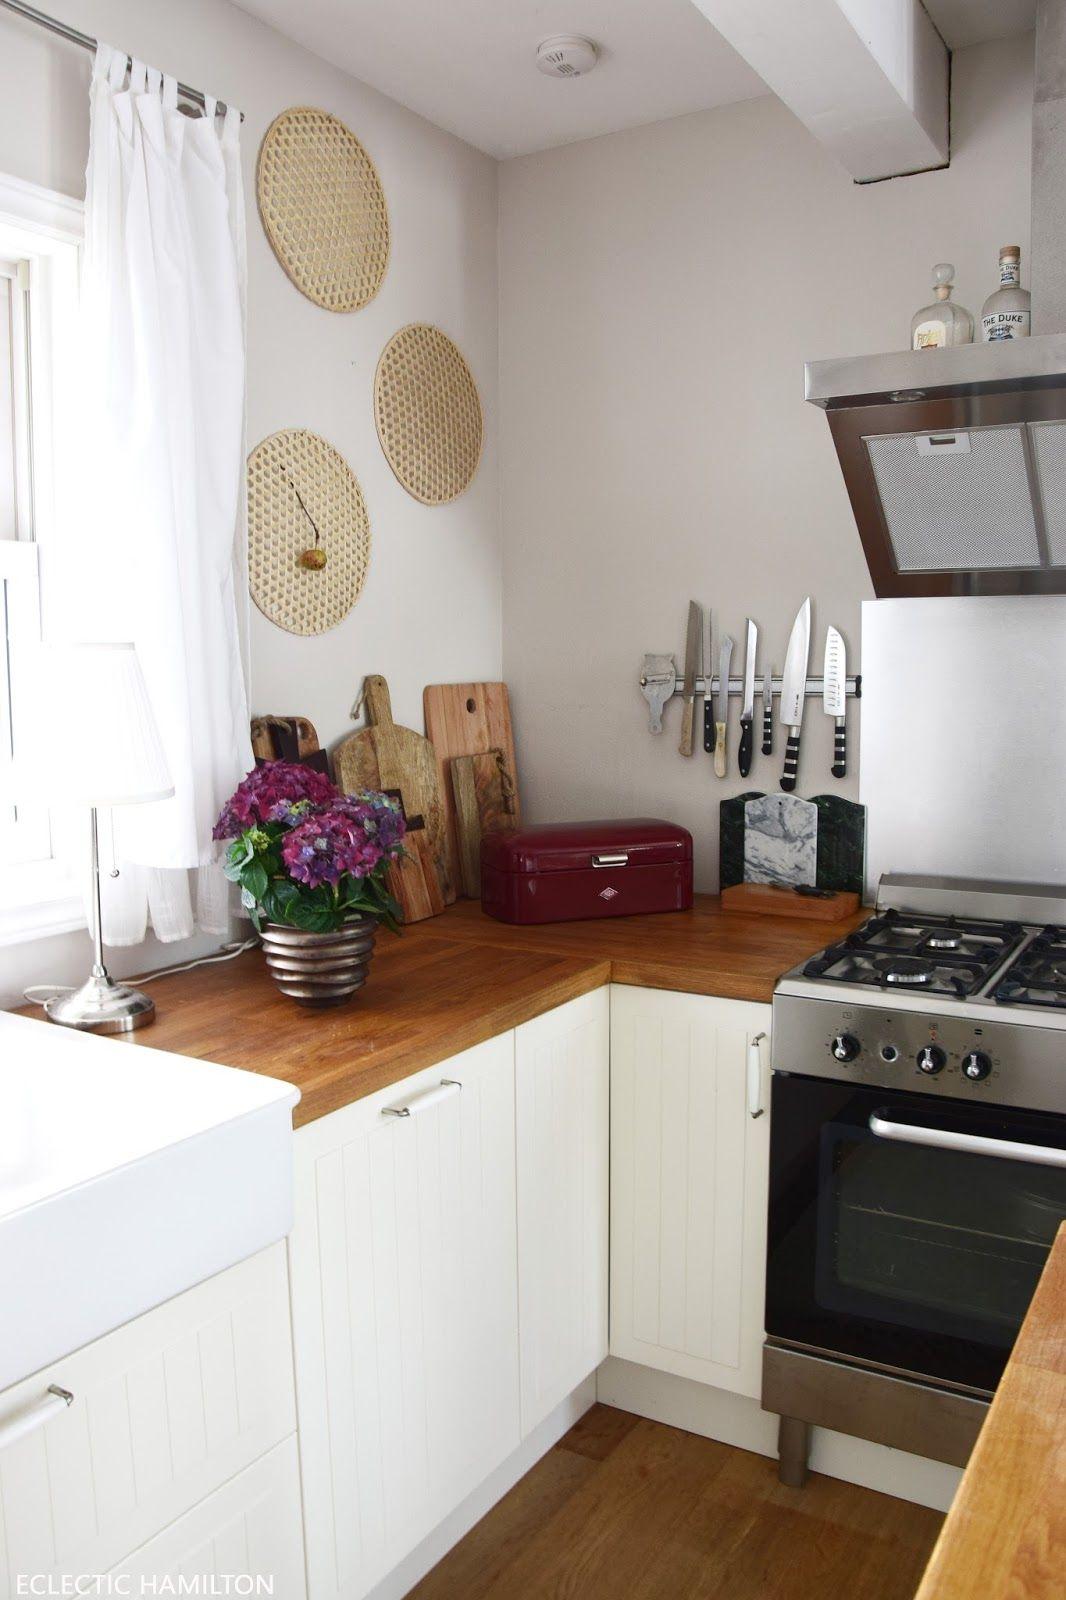 Full Size of Wanddeko Küche Wandtattoos Wanddeko Küche Pinterest Wanddeko Küche Landhausstil Wanddeko Küche Vintage Küche Wanddeko Küche